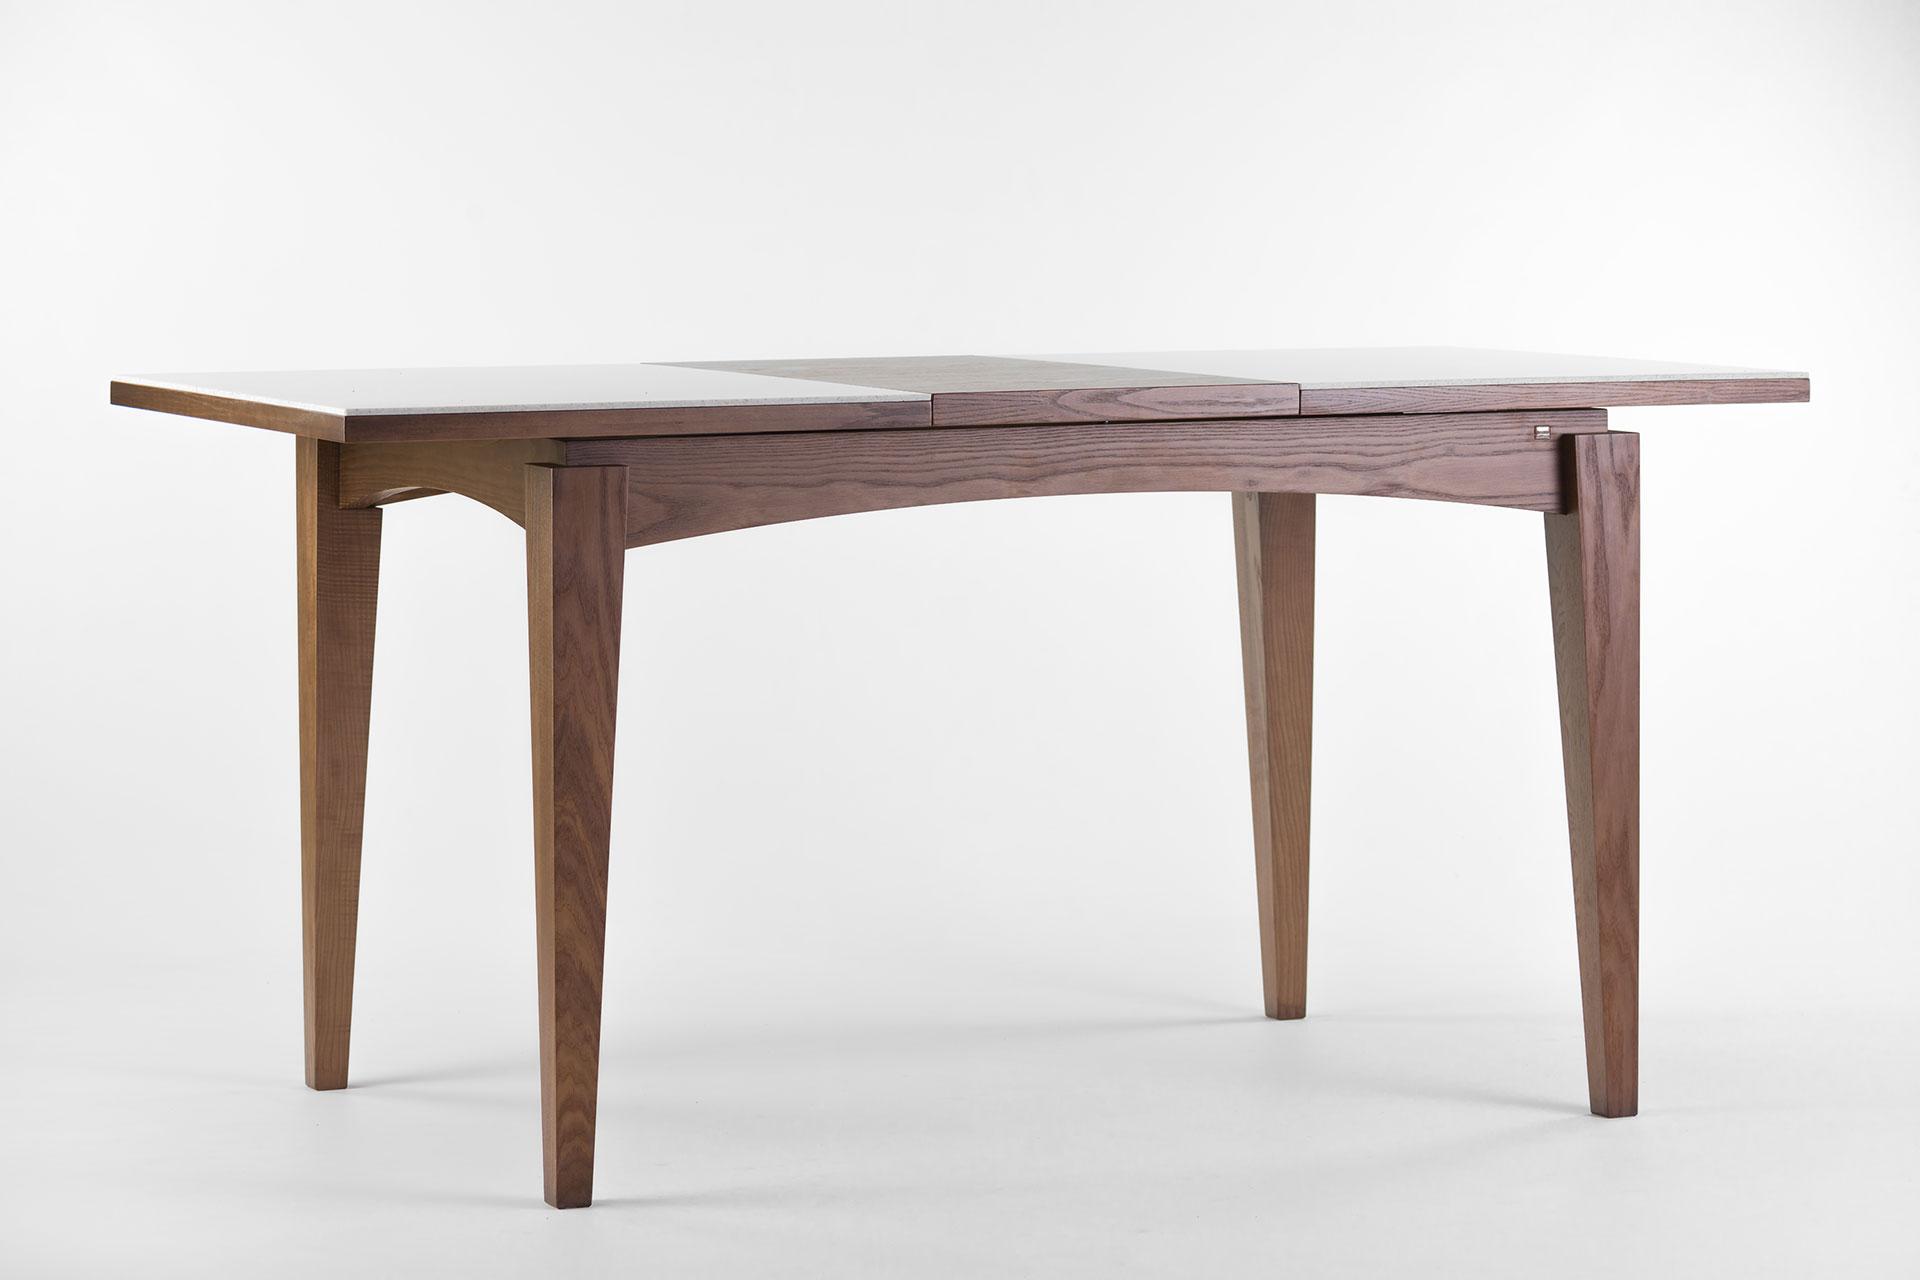 """Раскладной кухонный стол """"Бруклин"""" с прямоугольной столешницей из искусственного камня с механизмом раскладки, ножки и царга тонированы SE-7034. Твердое дерево. Разложенный"""